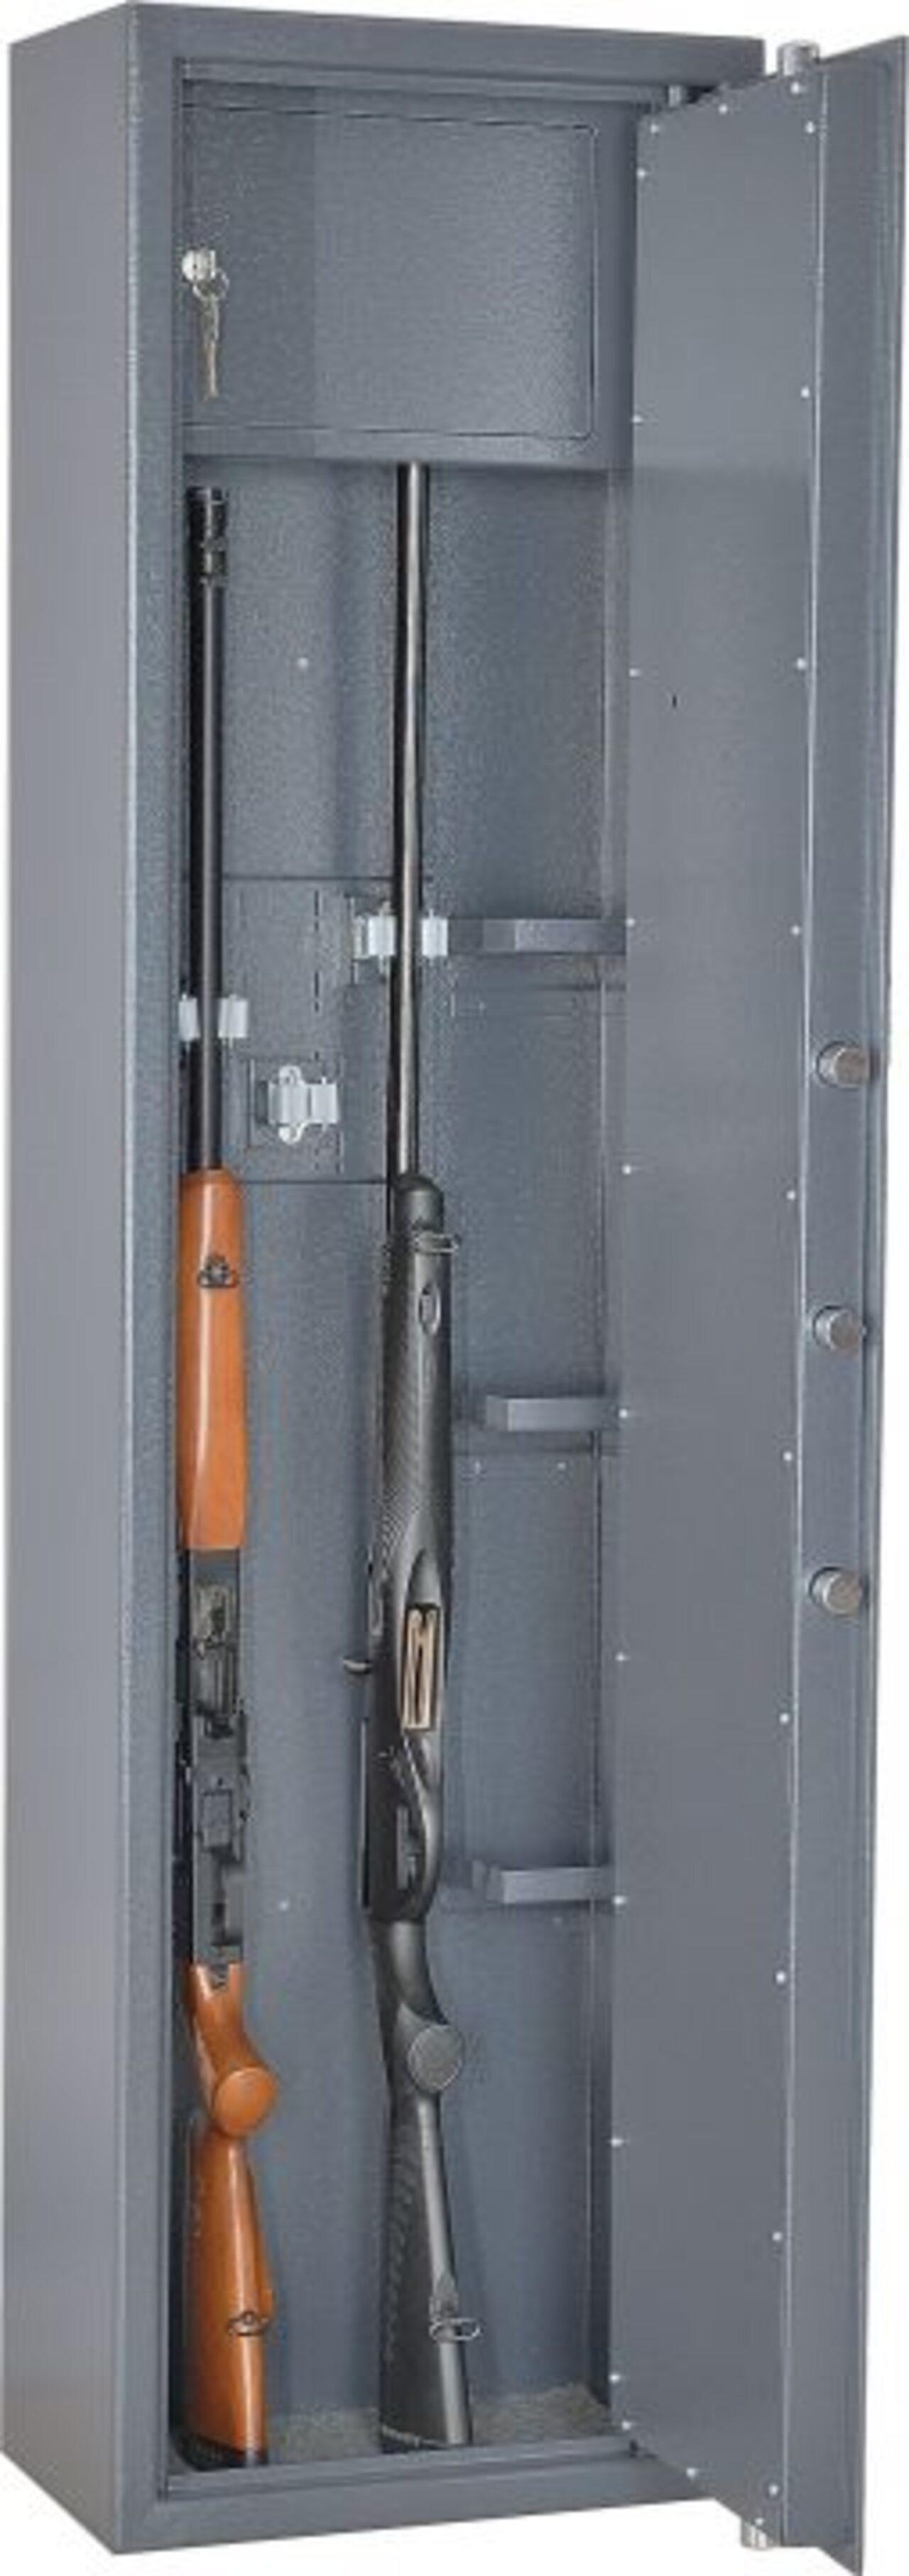 Шкаф оружейный СО-4ЭК - фото 2